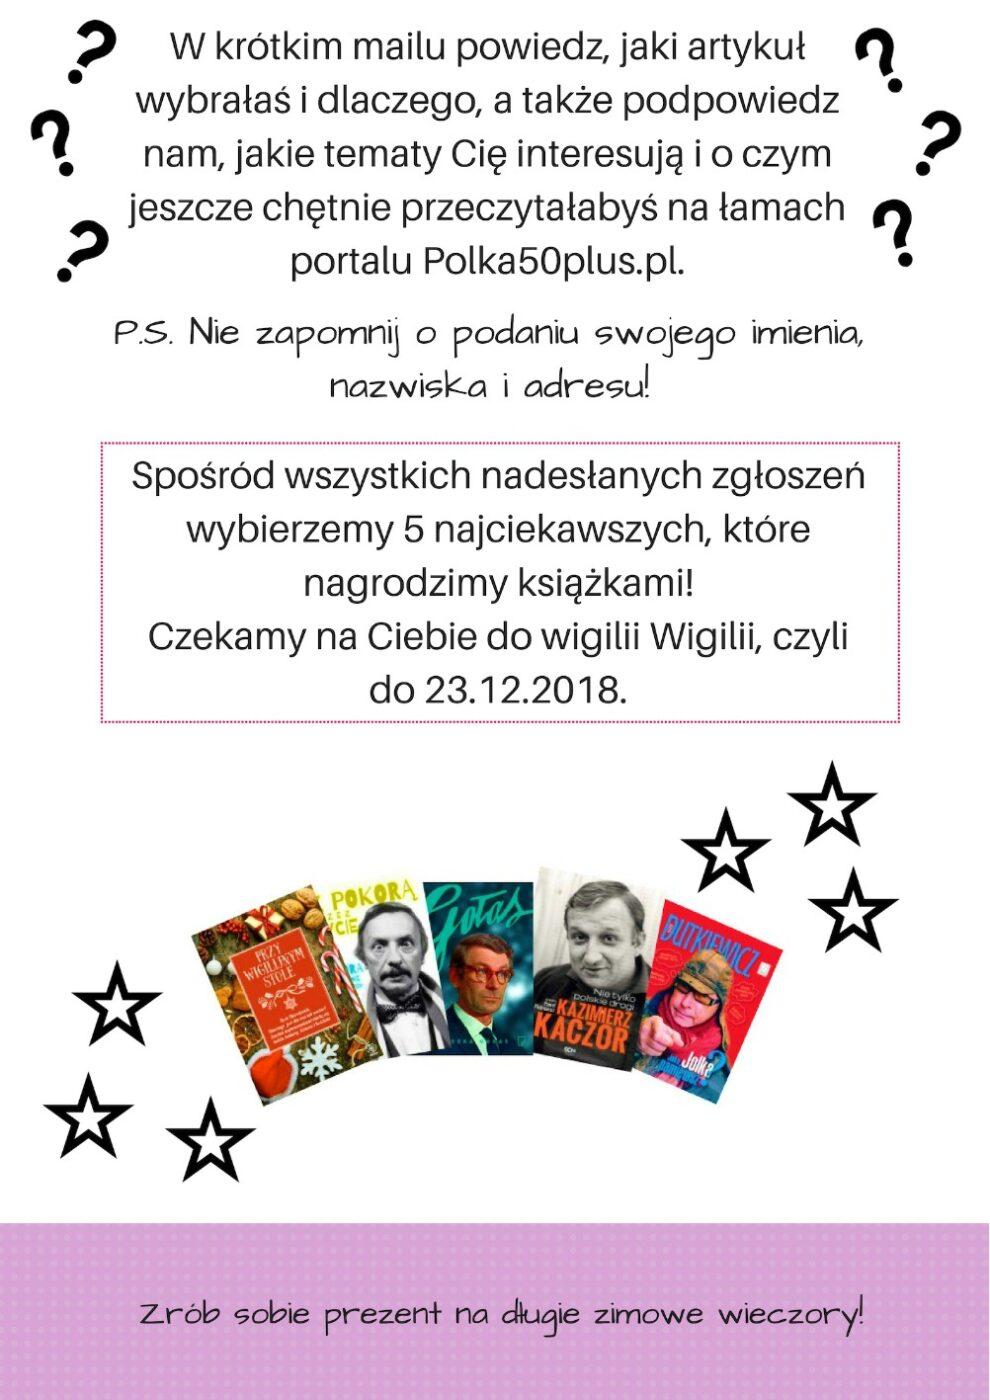 konkurs_pierwsza setka_ogloszenie2